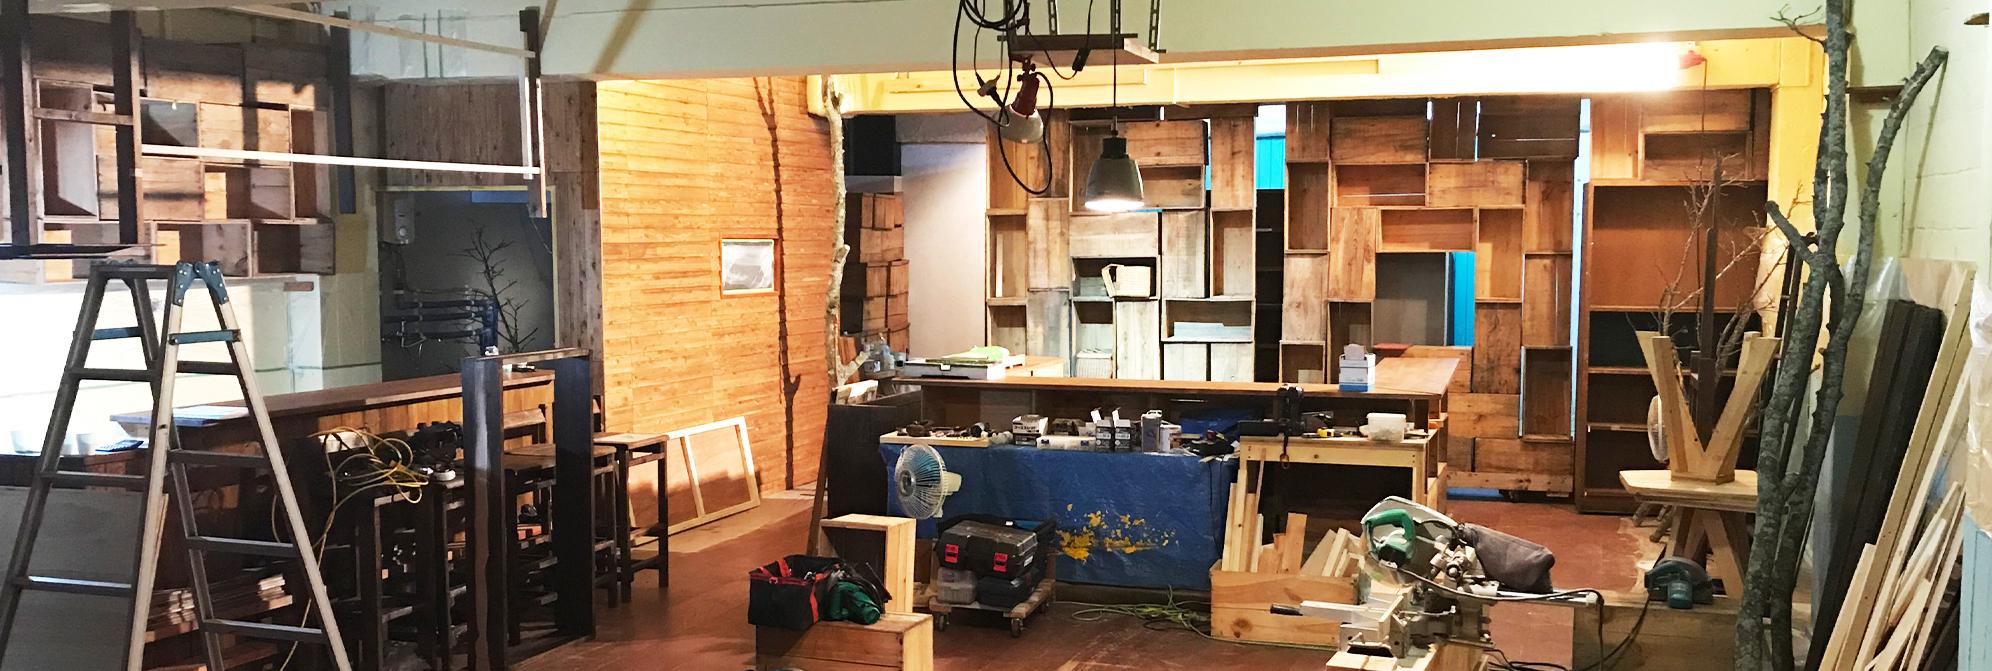 舞台セット作成前の状態